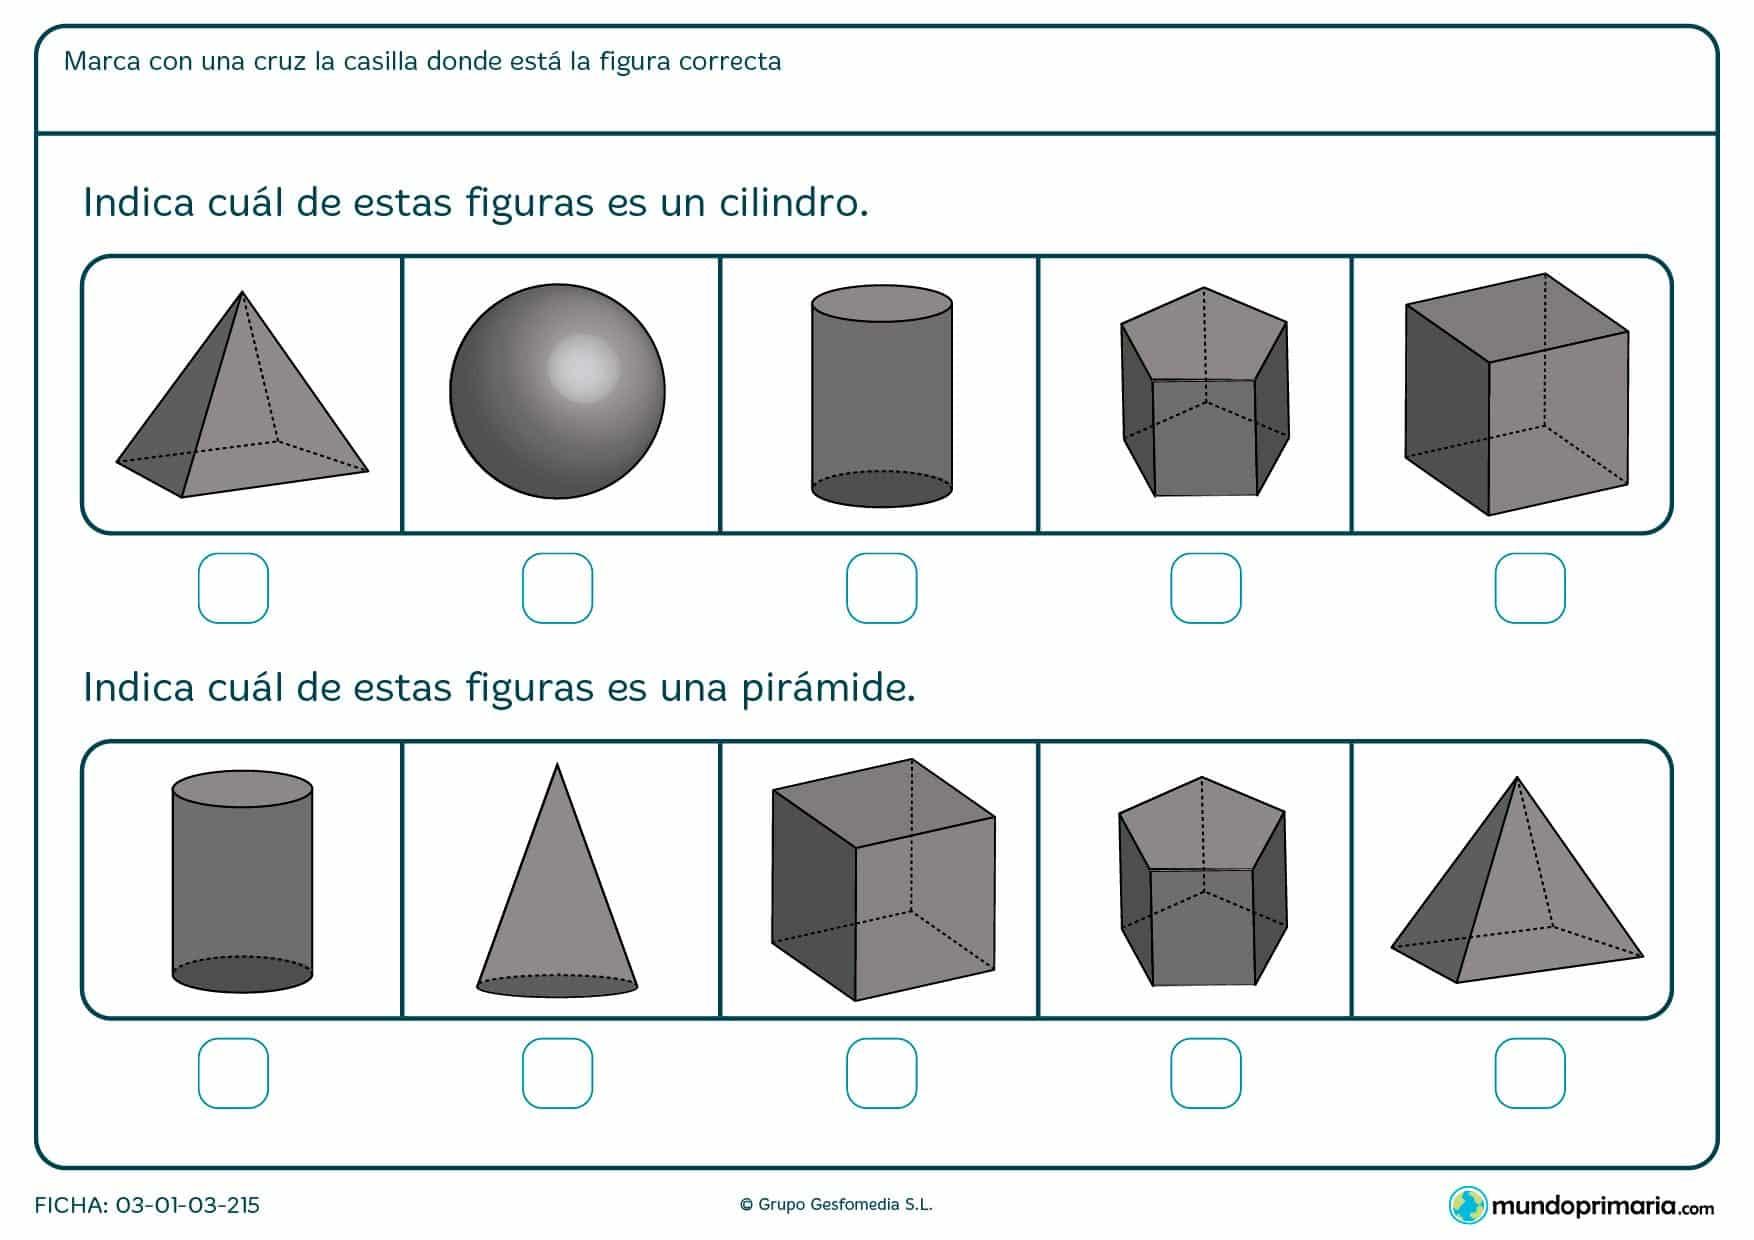 Ficha para niños de primero de primaria sobre diferenciar y encontrar formas como la pirámide o el cilindro.